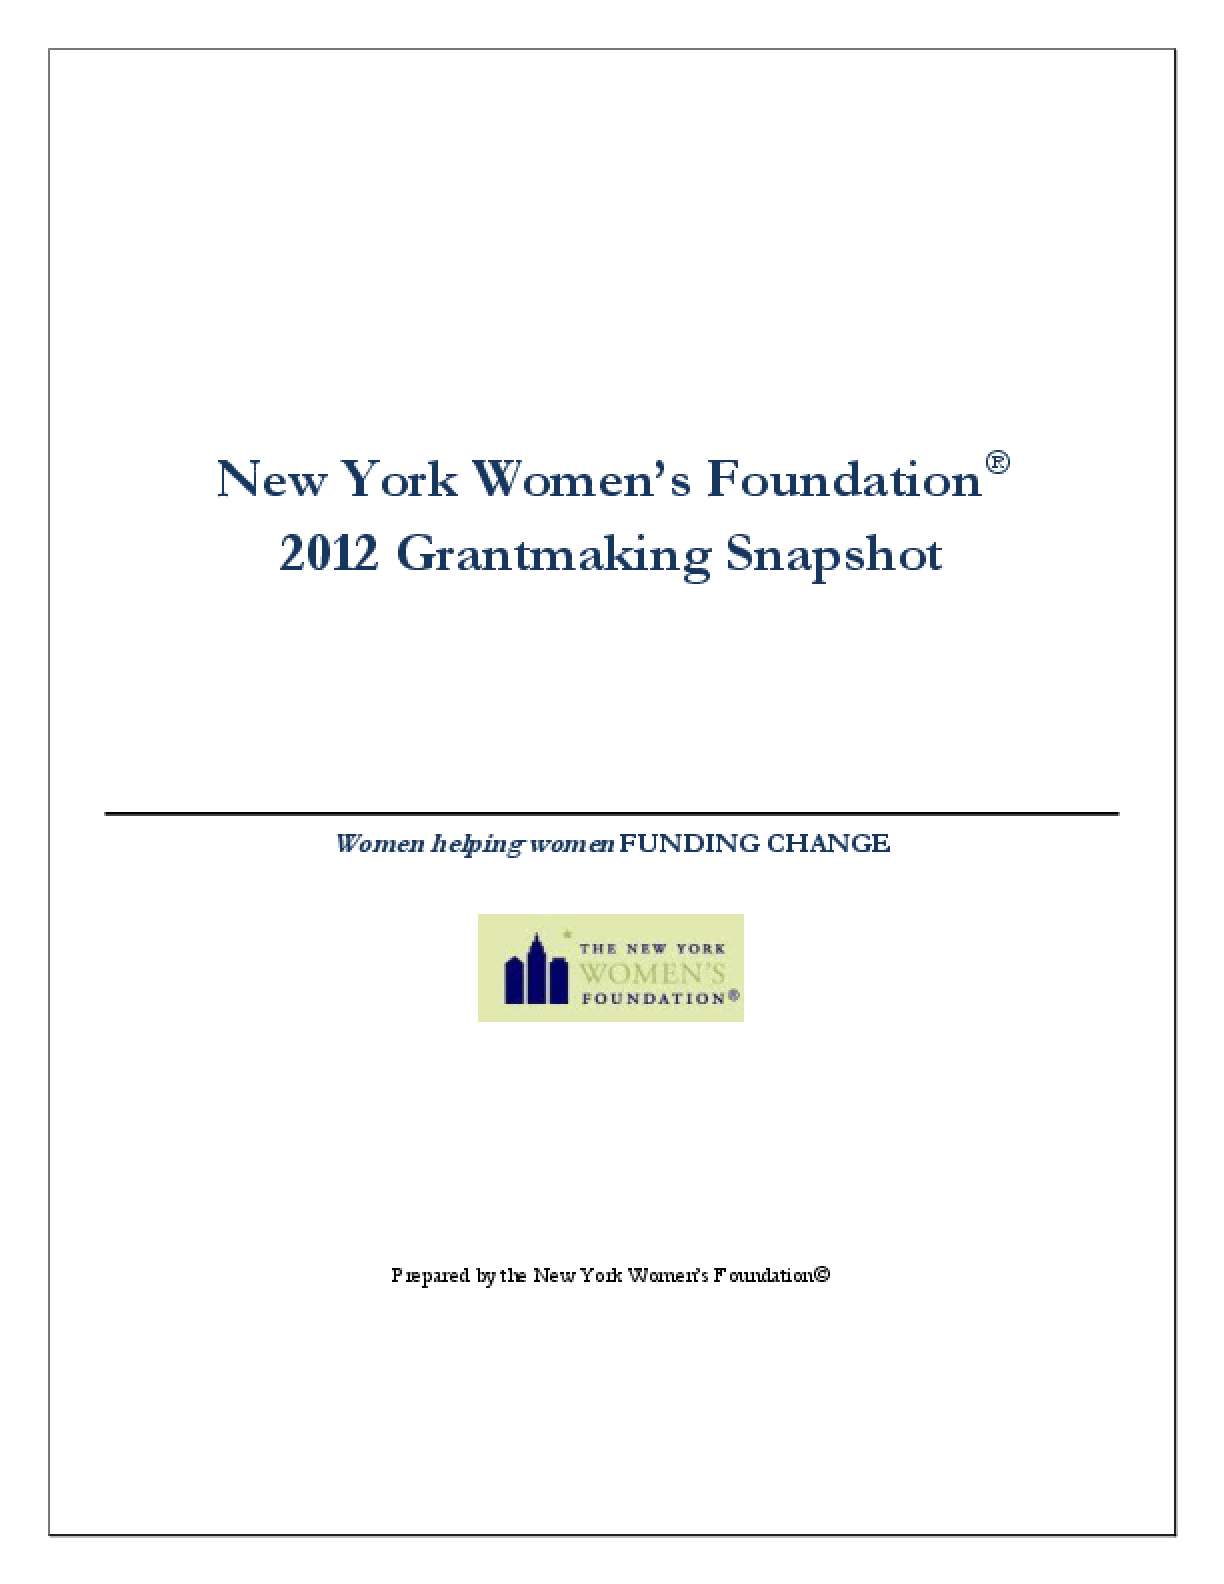 Grantmaking Snapshot 2012